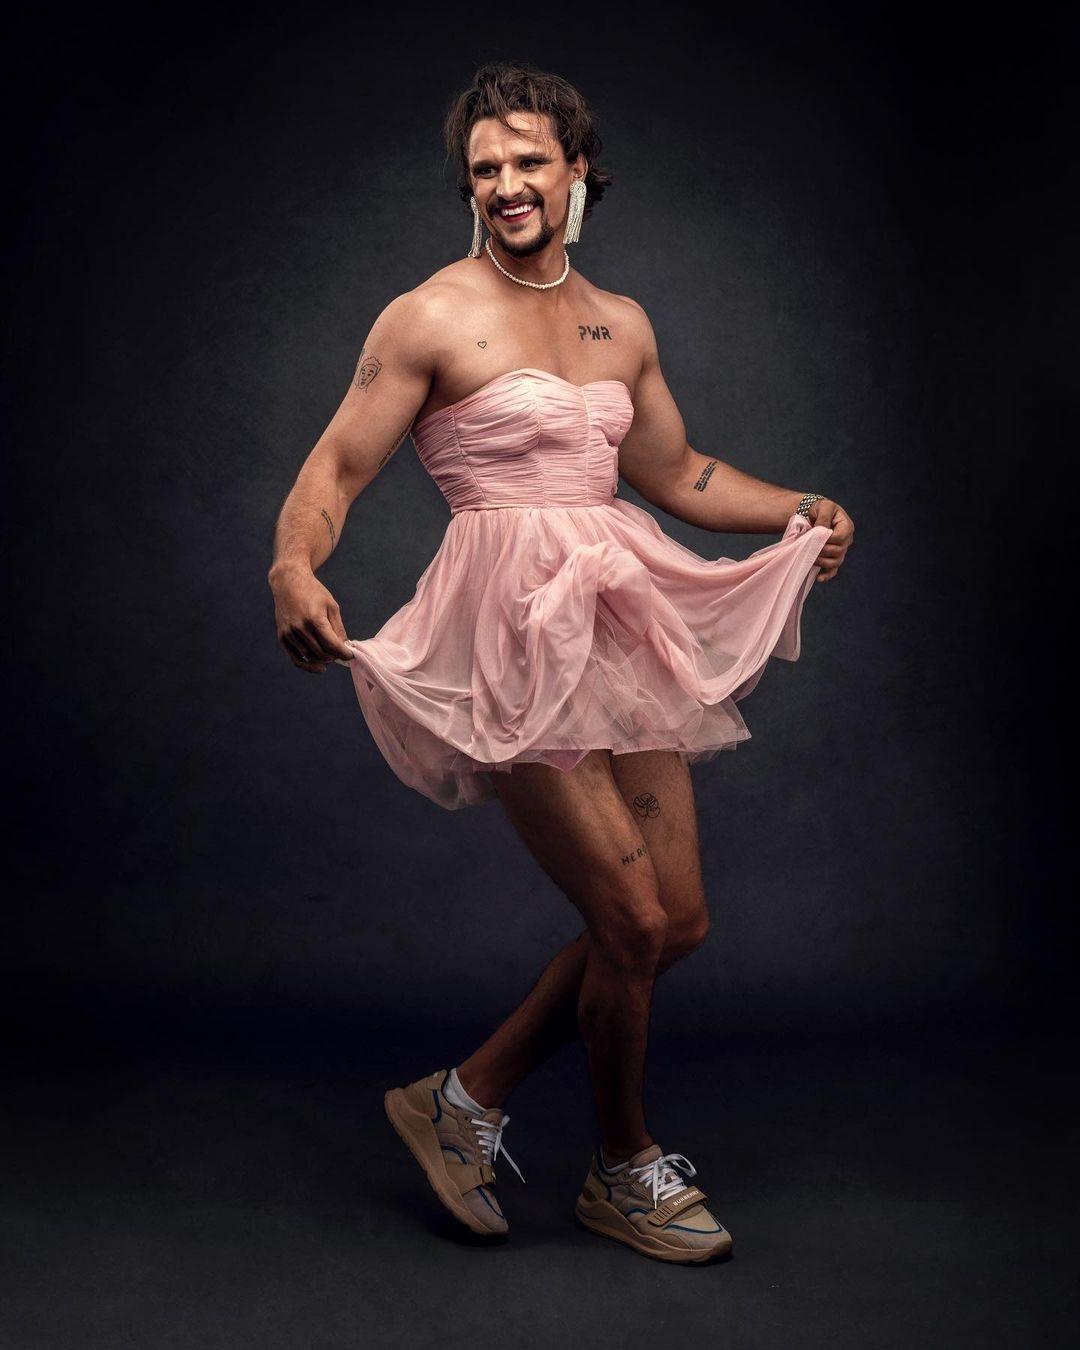 В розовом платье и макияже: Тарас Цымбалюк удивил эпатажной фотосессией (ФОТО) - фото №1